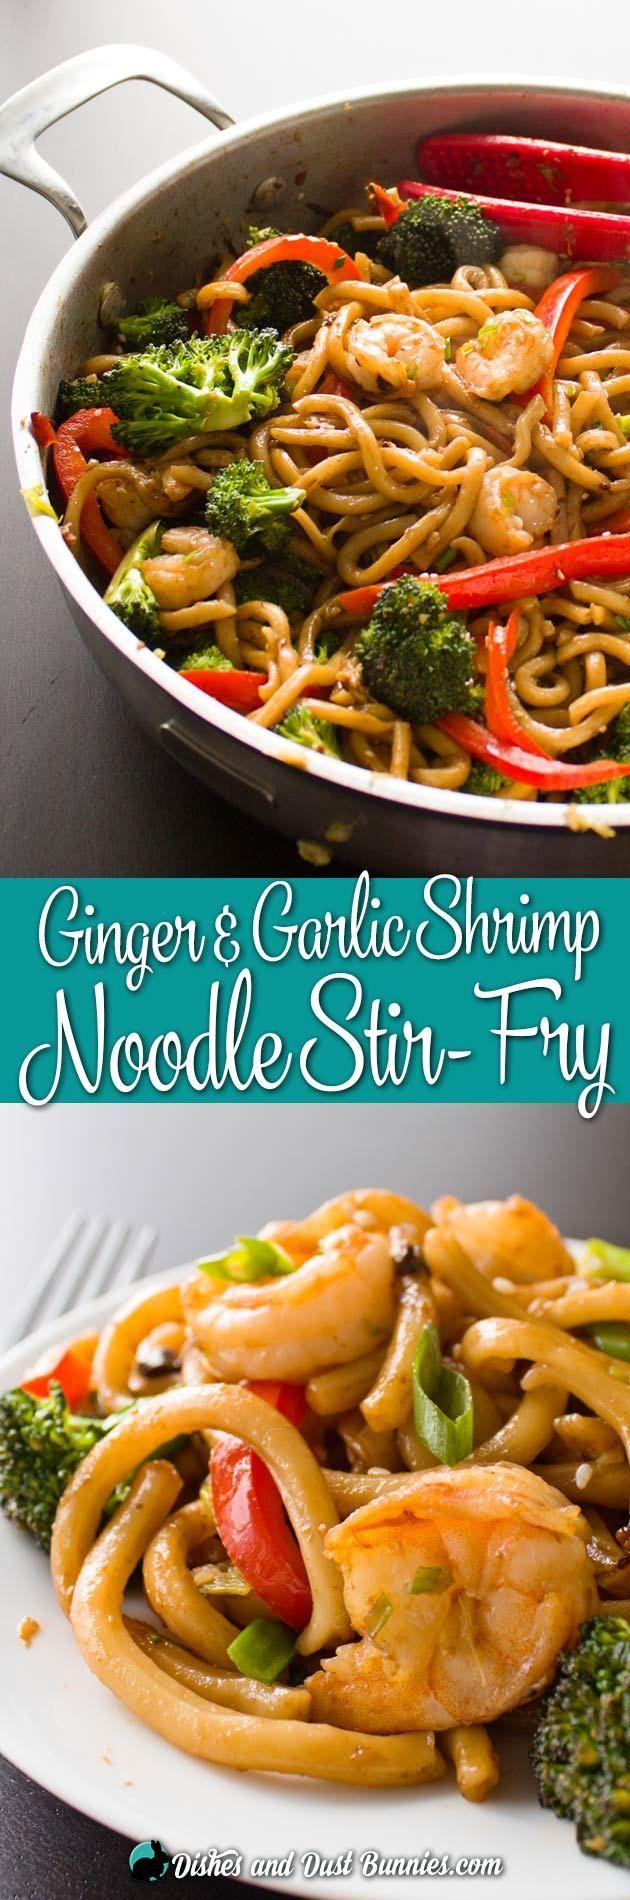 Ginger Garlic Shrimp Noodle Stir Fry from dishesanddustbunnies.com